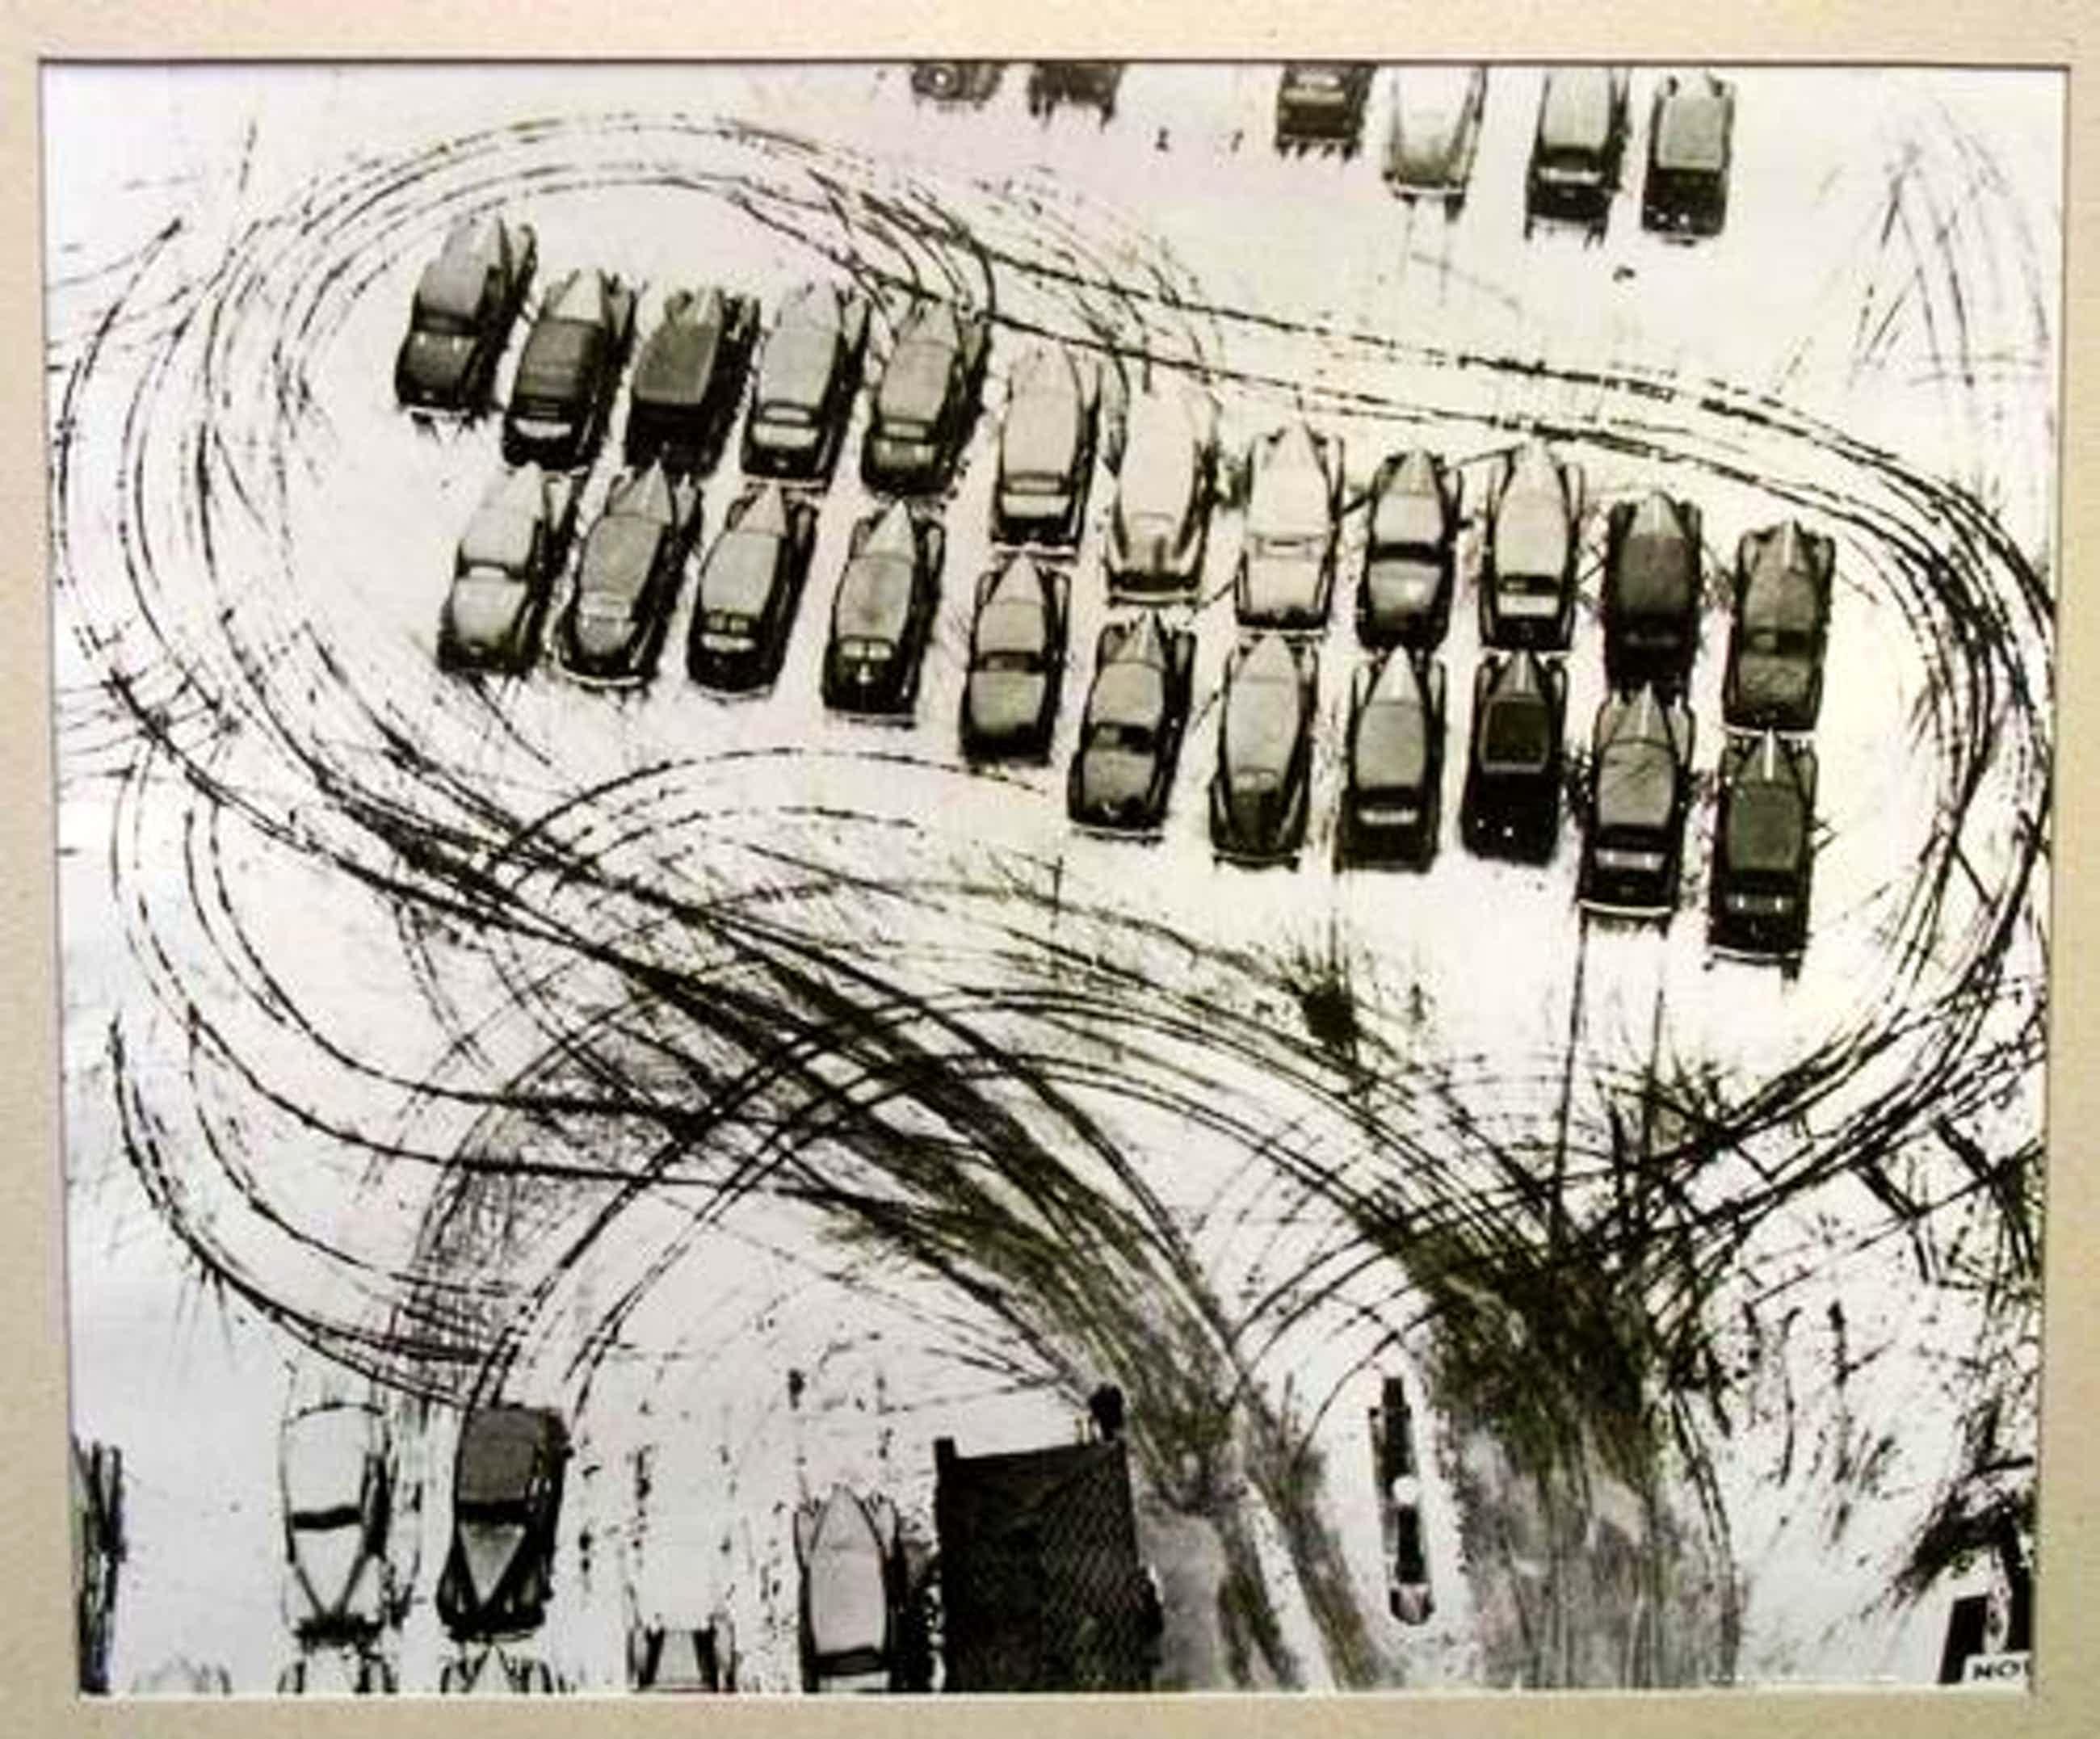 Laszlo Moholy-Nagy - Parking in winter, Chicago kopen? Bied vanaf 2800!